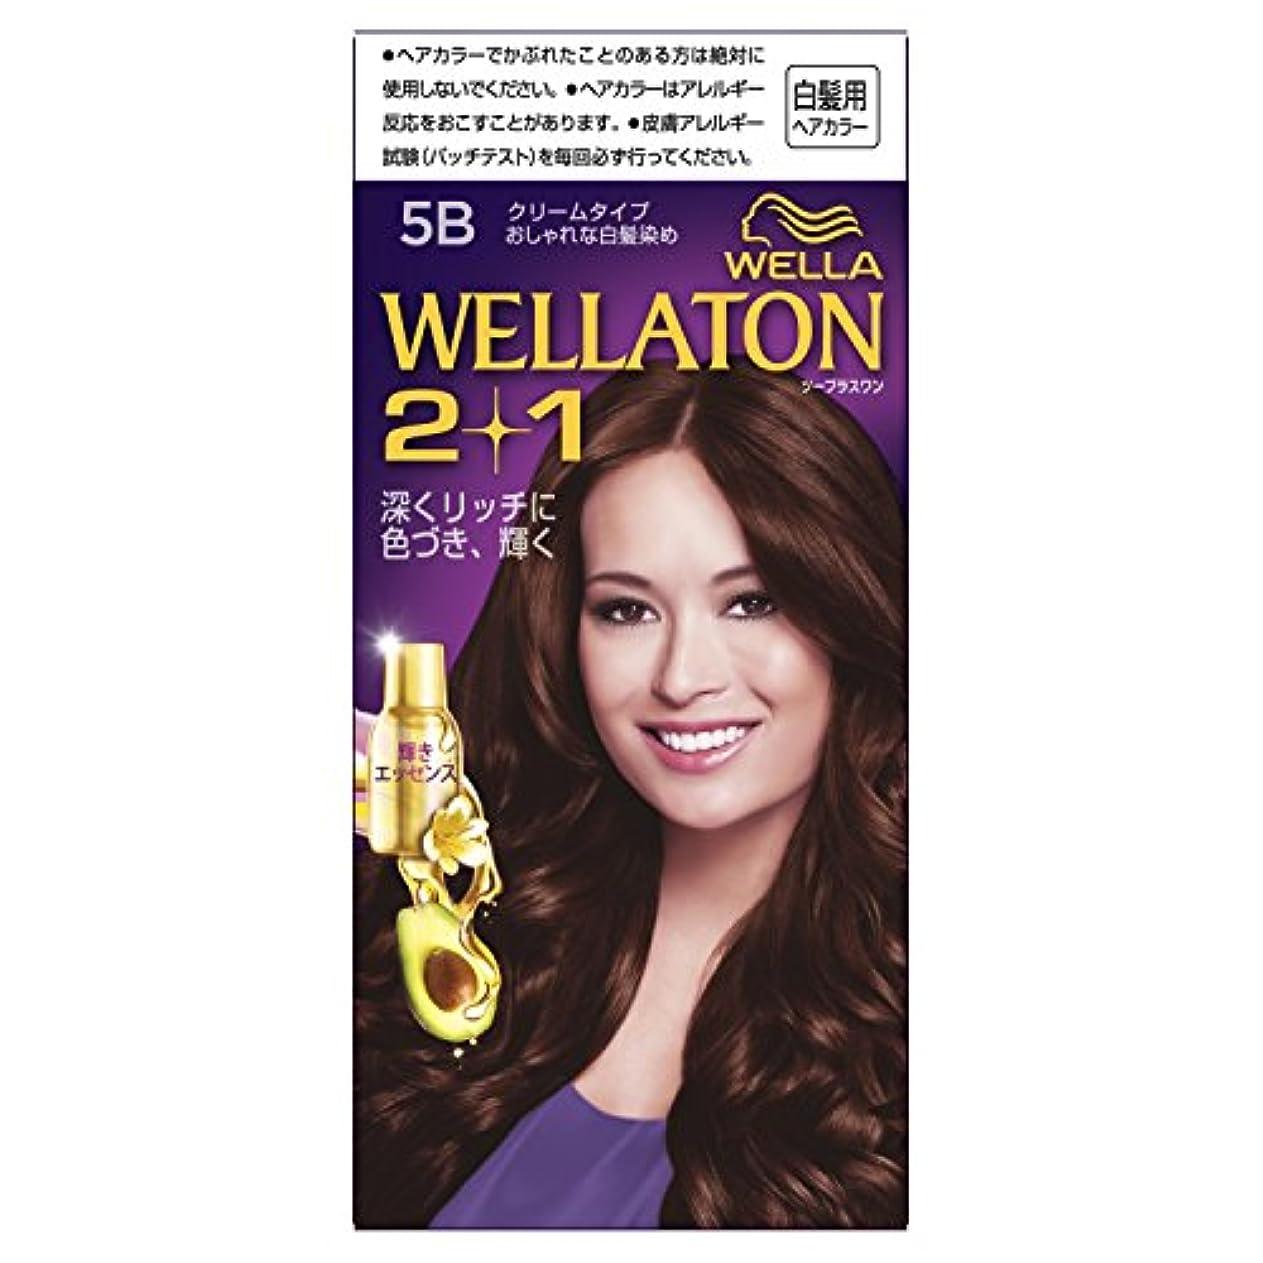 けん引女性豊かなウエラトーン2+1 クリームタイプ 5B [医薬部外品](おしゃれな白髪染め)